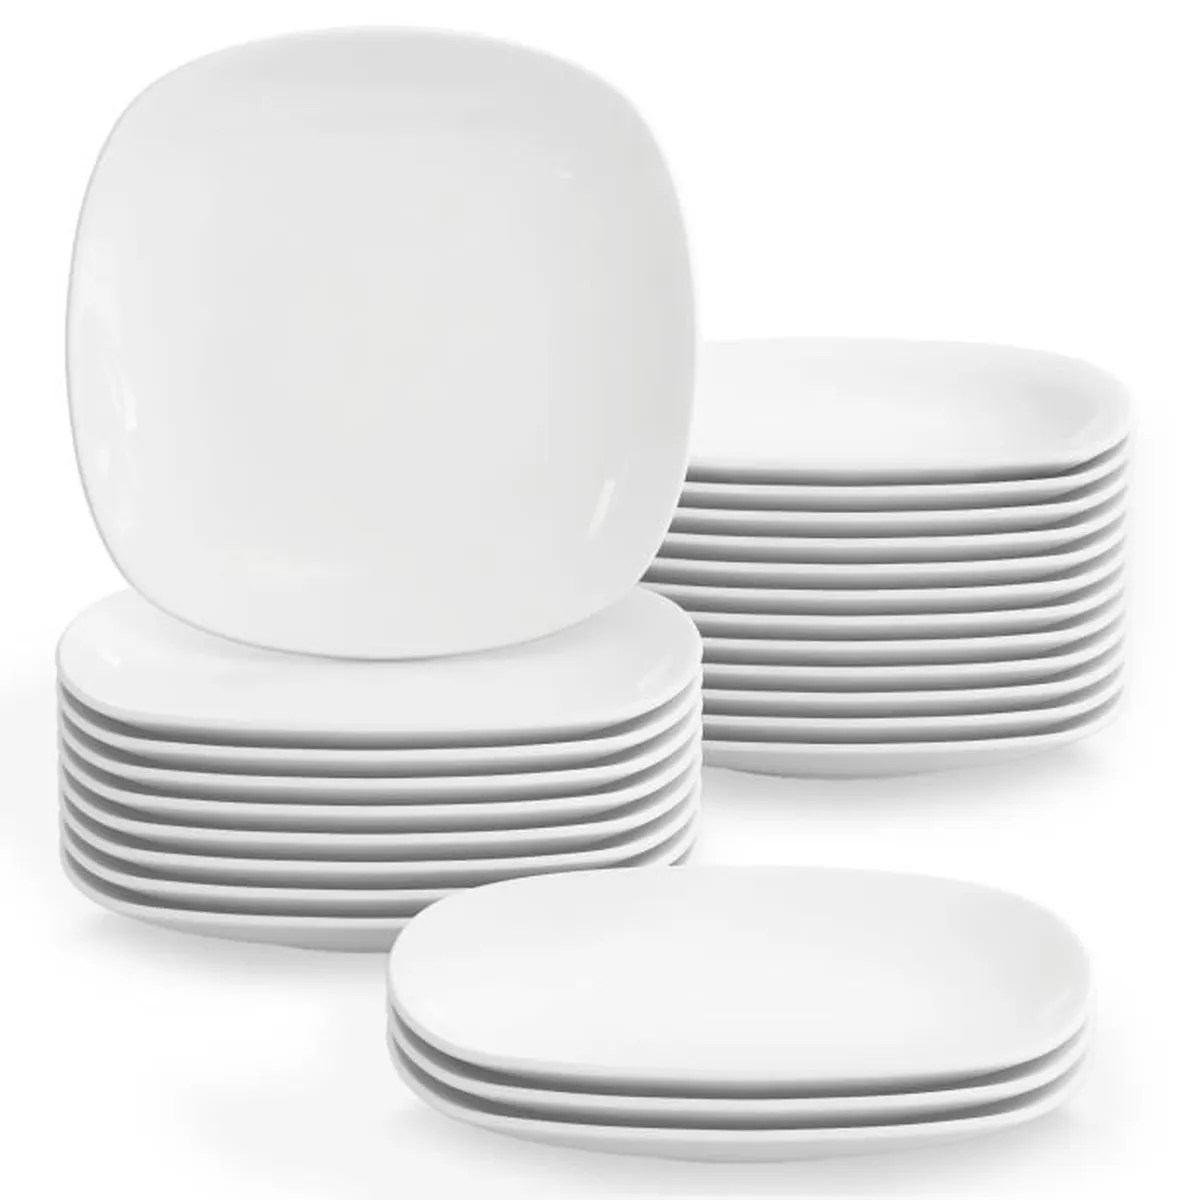 09bf9087d1c0ce Assiettes Plates Pas Cher   Générique Lot De 6 Assiettes Plates ...